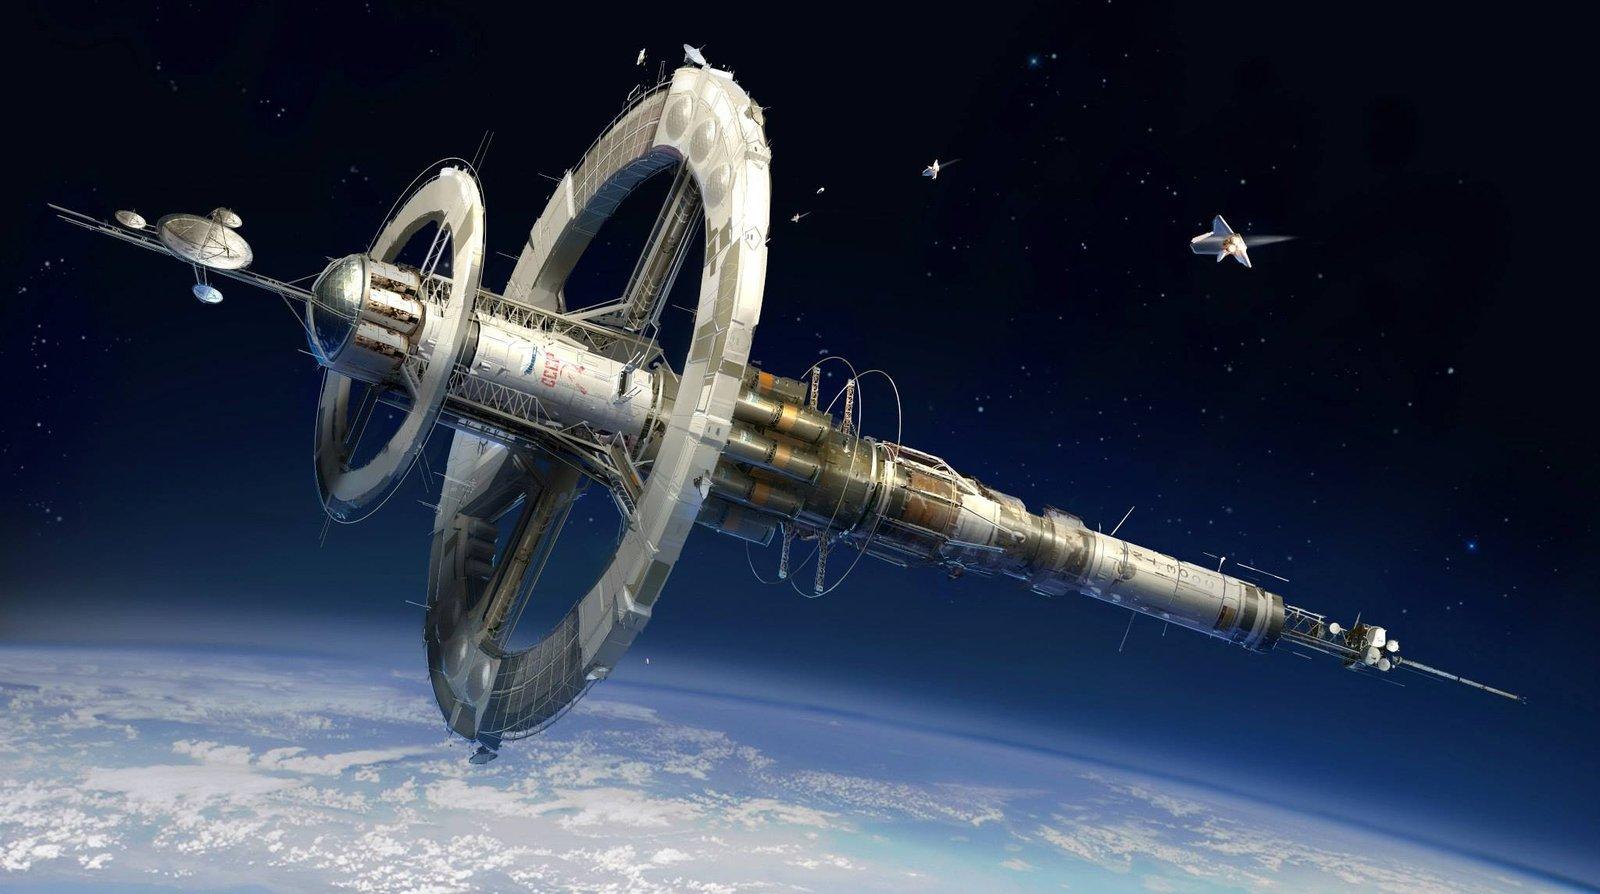 Профессии будущего: Когда мы полетим в космос? - 4